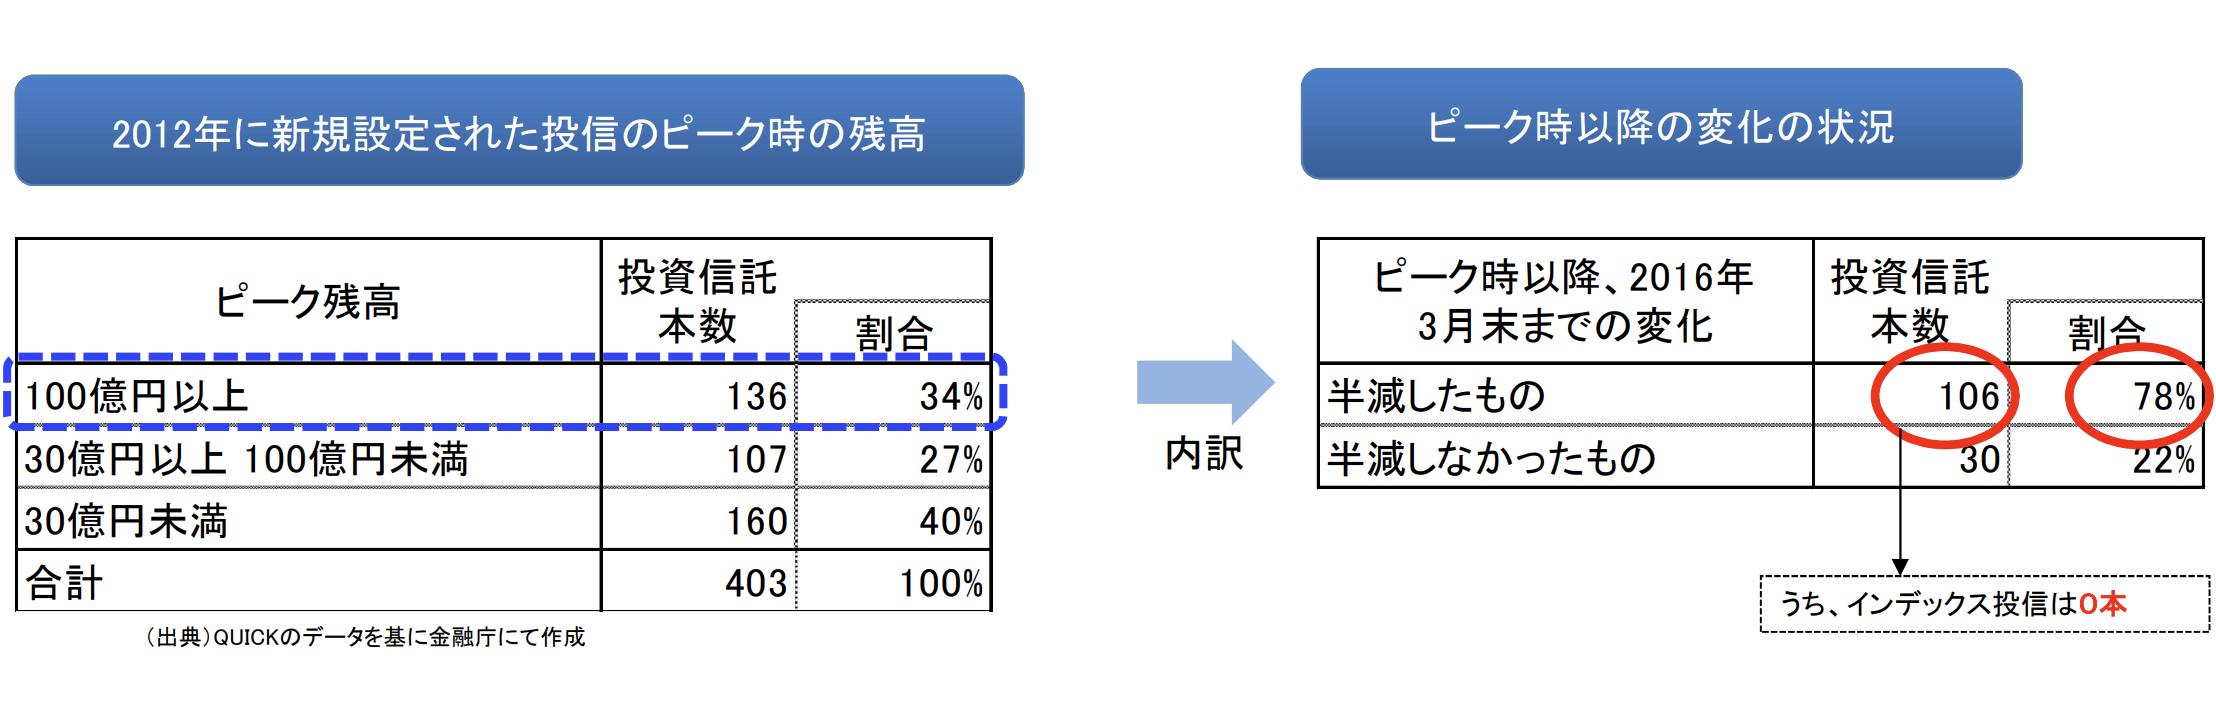 2012年に新規設定された投信のピーク時の残高とピーク時以降の変化の状況